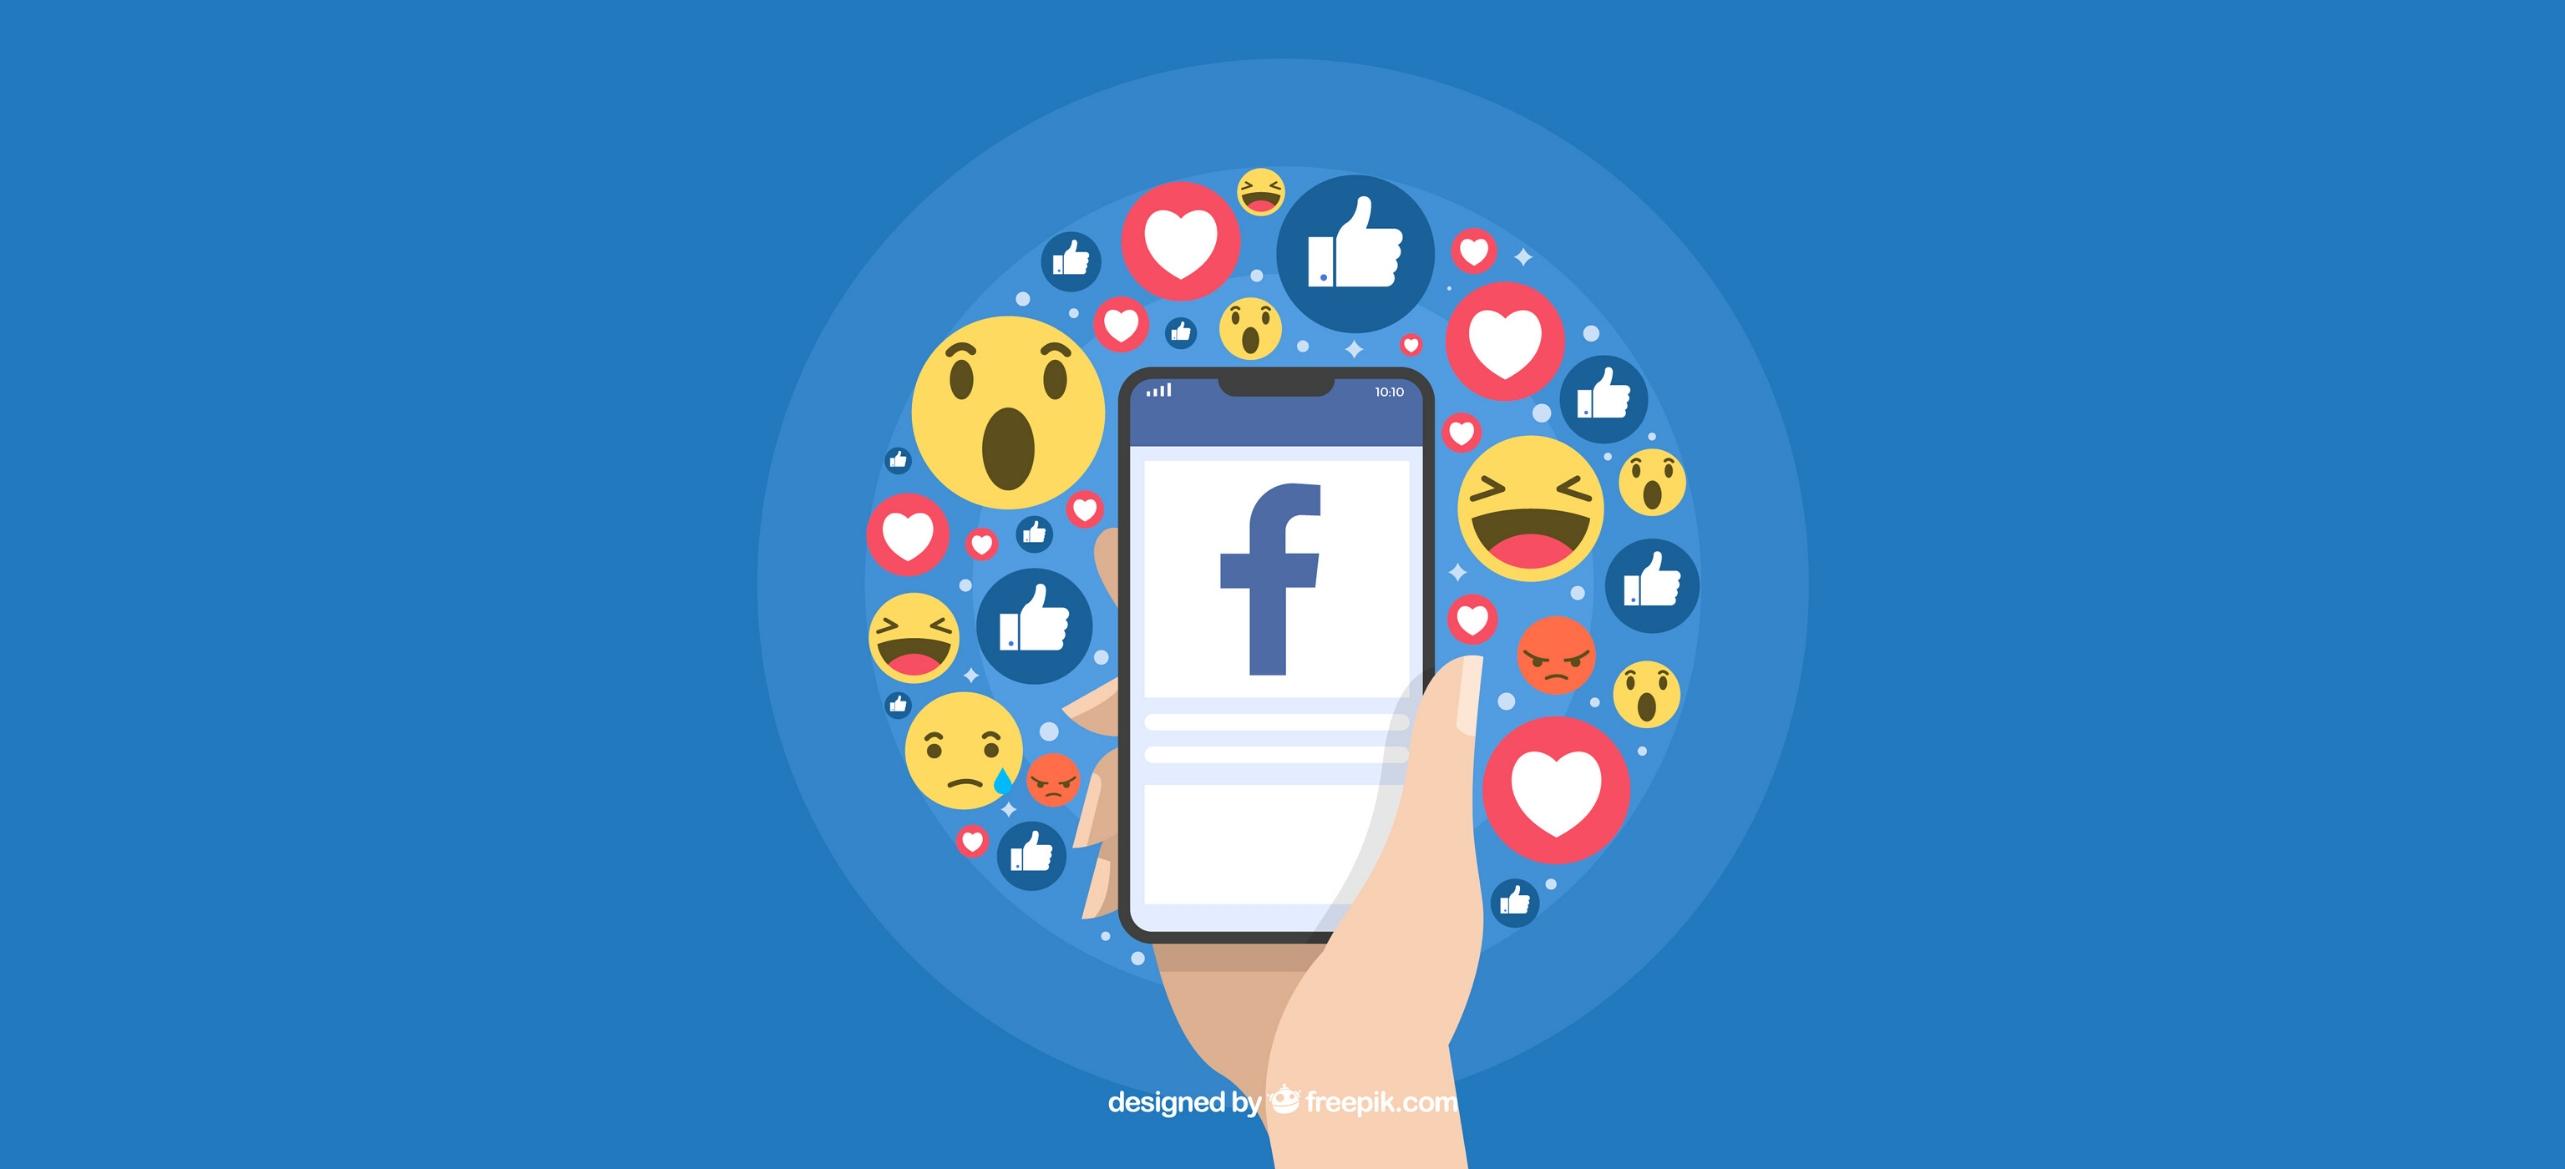 Recaudación de fondos con Facebook: Ventajas e inconvenientes